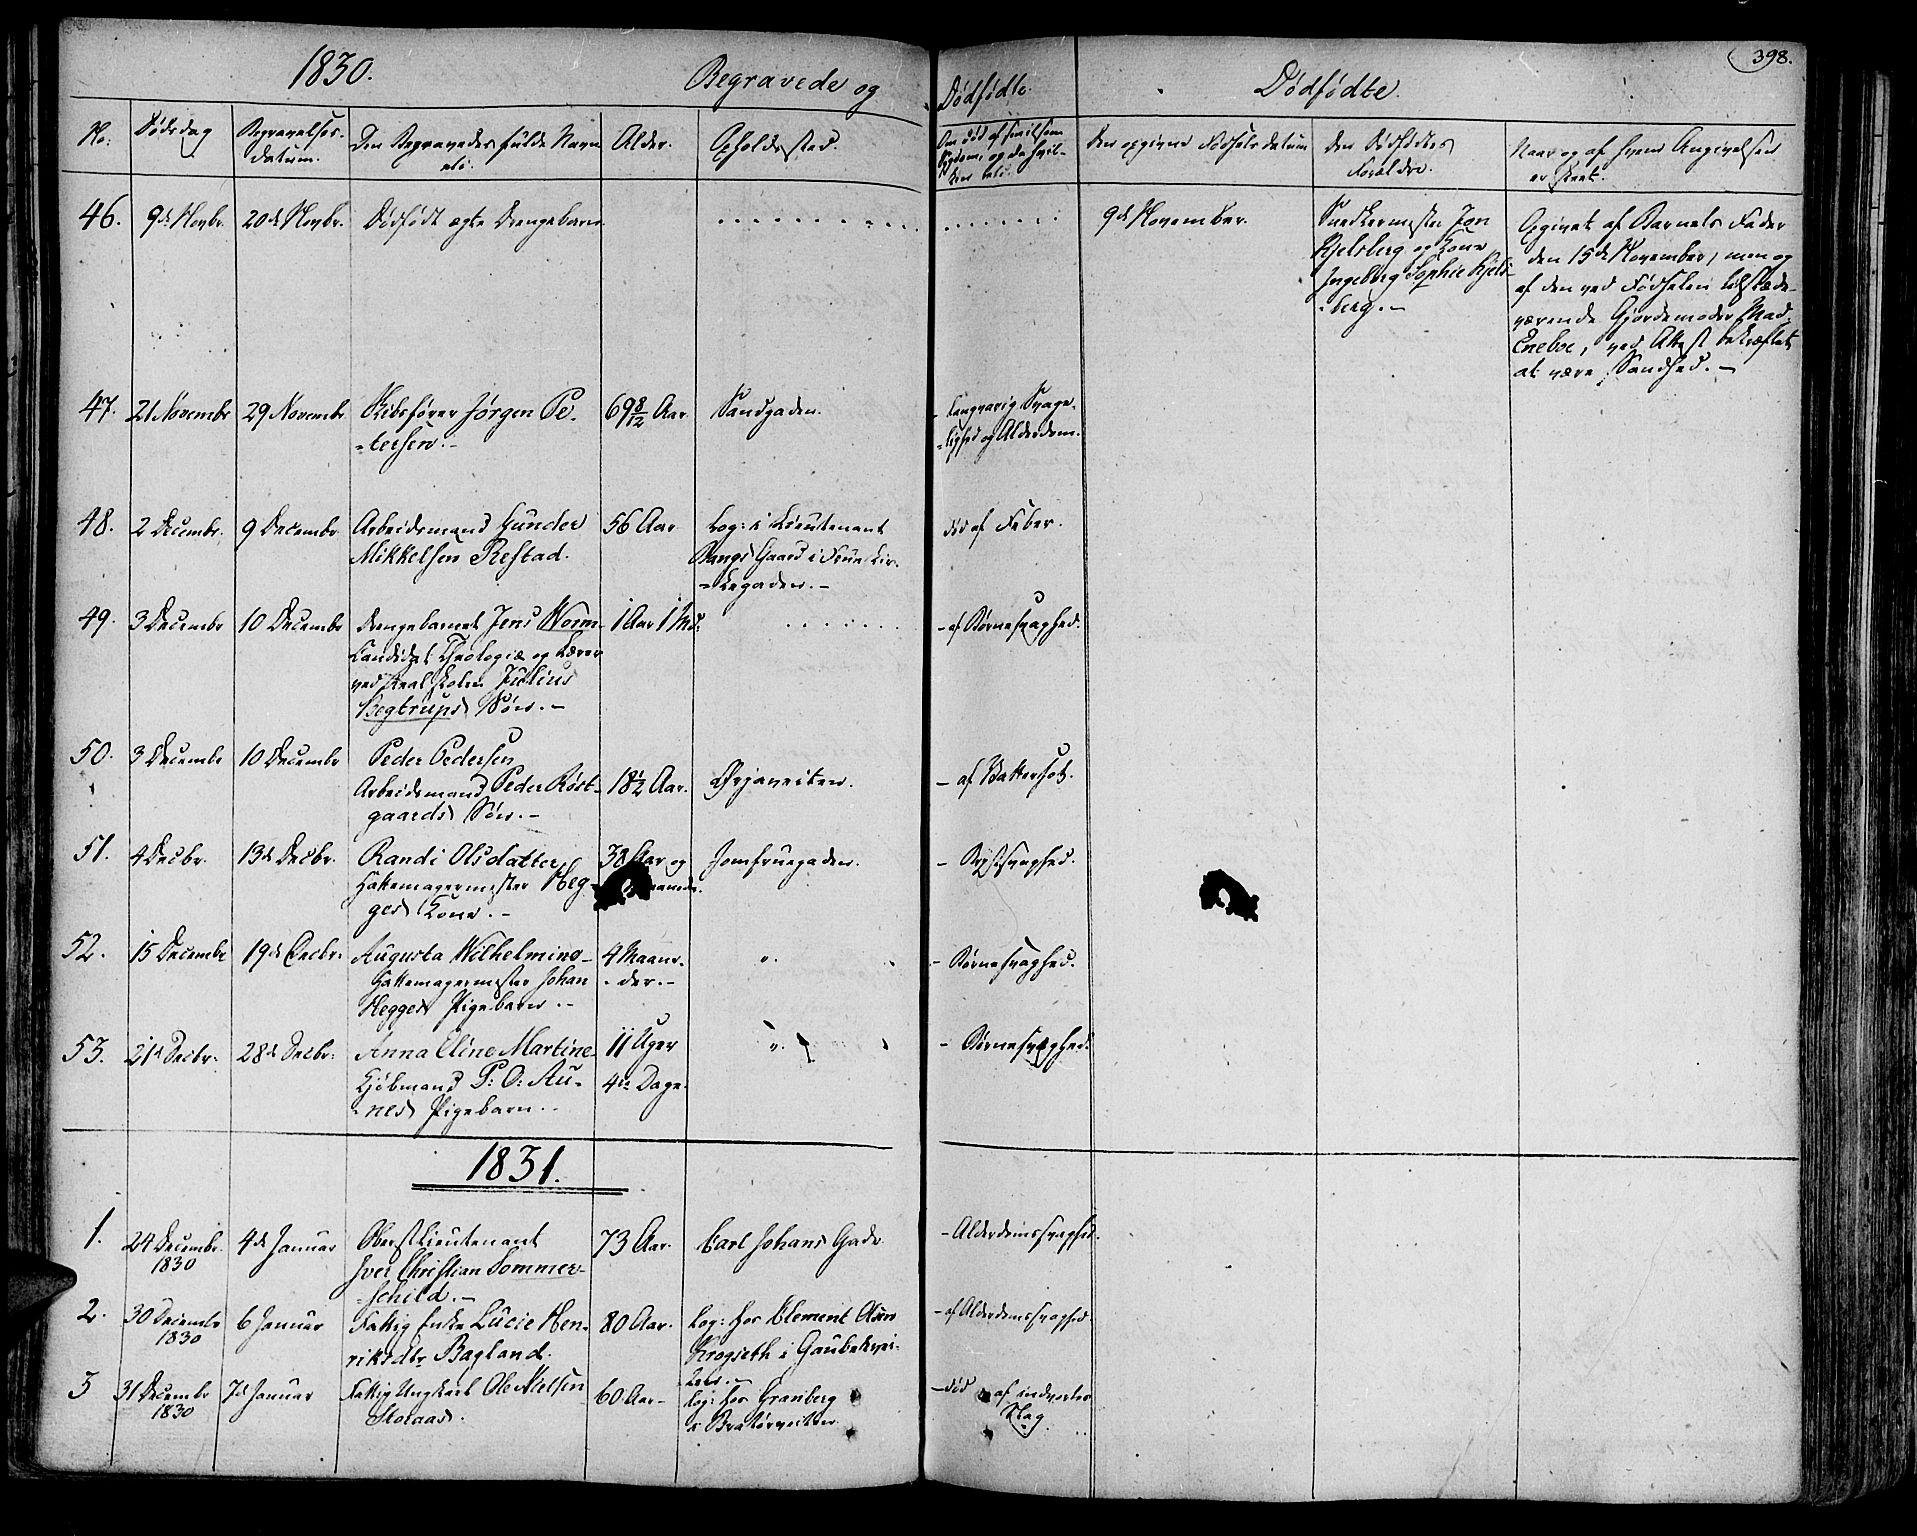 SAT, Ministerialprotokoller, klokkerbøker og fødselsregistre - Sør-Trøndelag, 602/L0109: Ministerialbok nr. 602A07, 1821-1840, s. 398